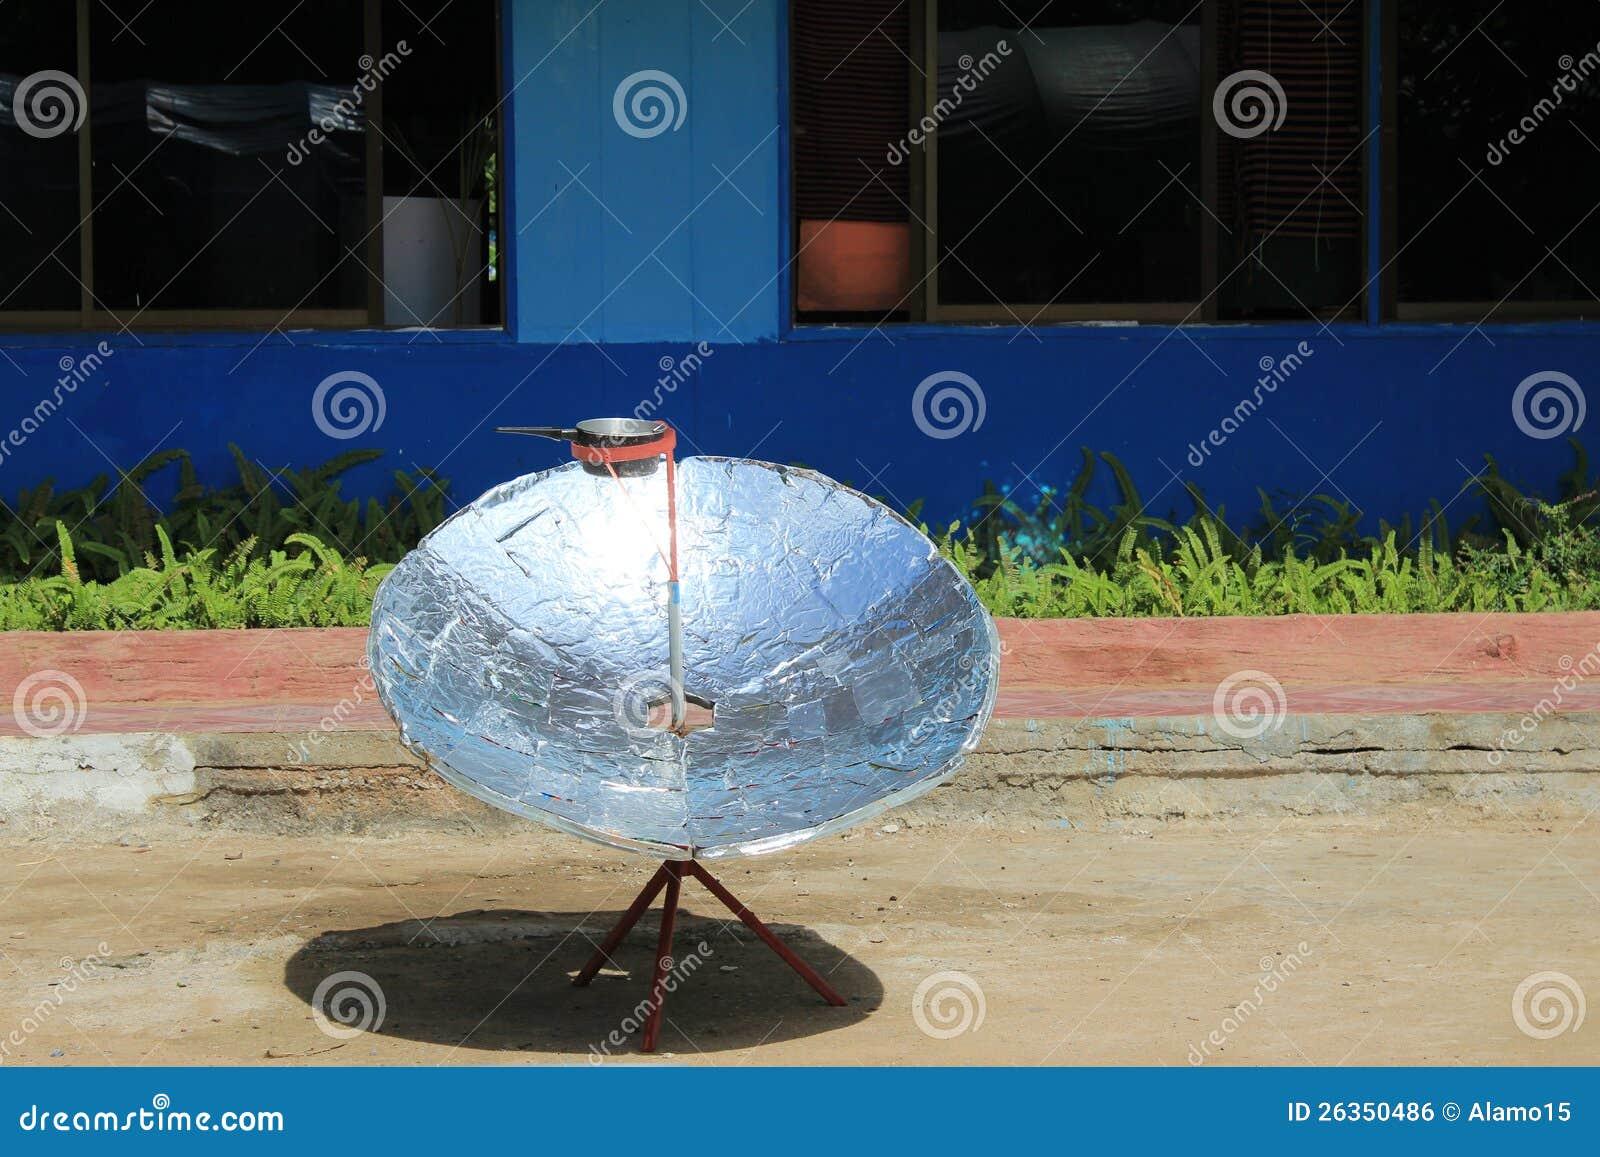 Ηλιακός λέβητας